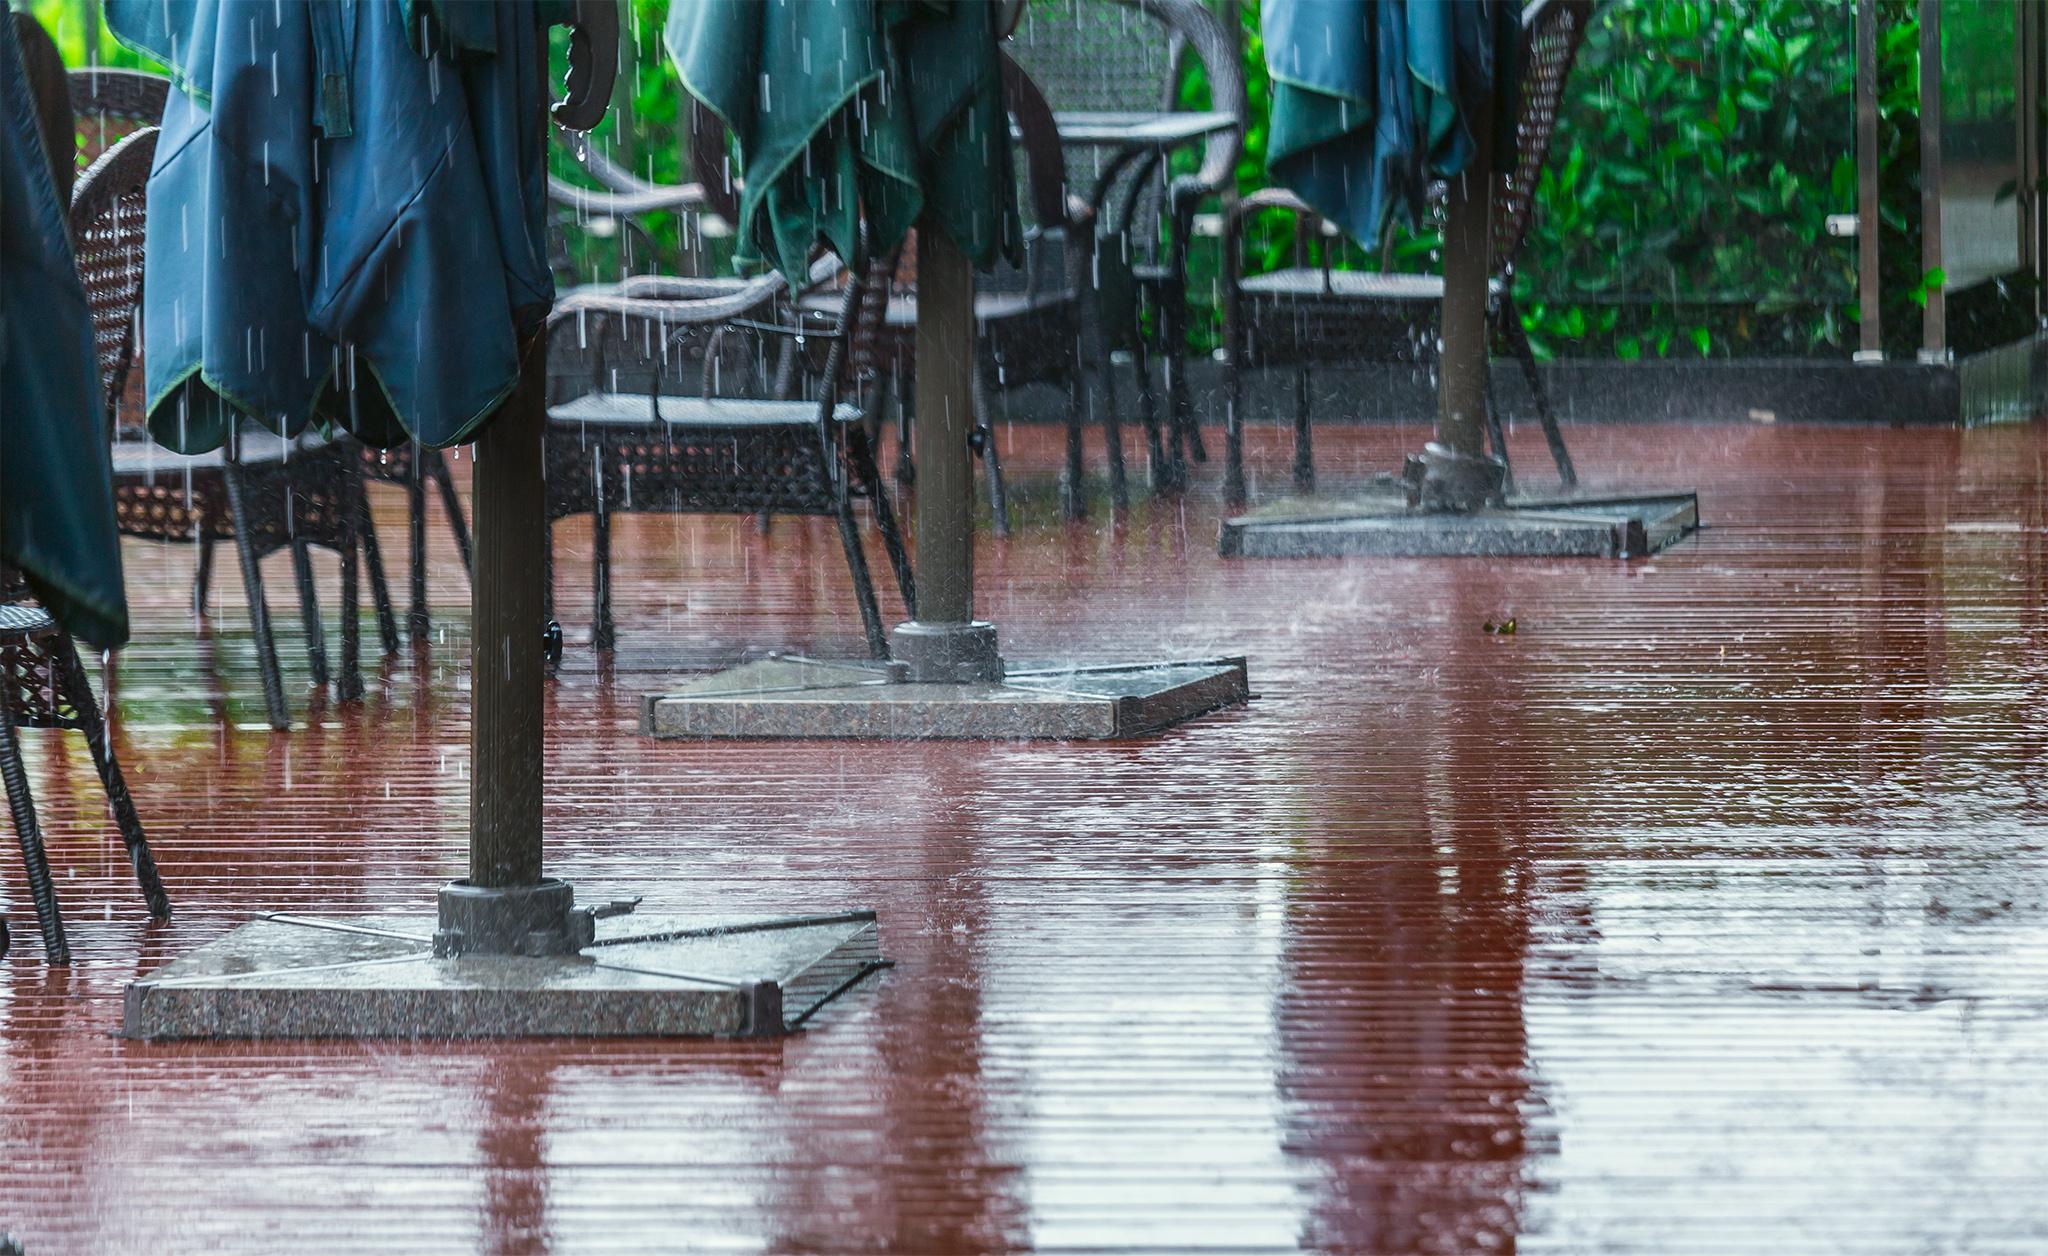 苏州湾,雨中聆听天堂的声音